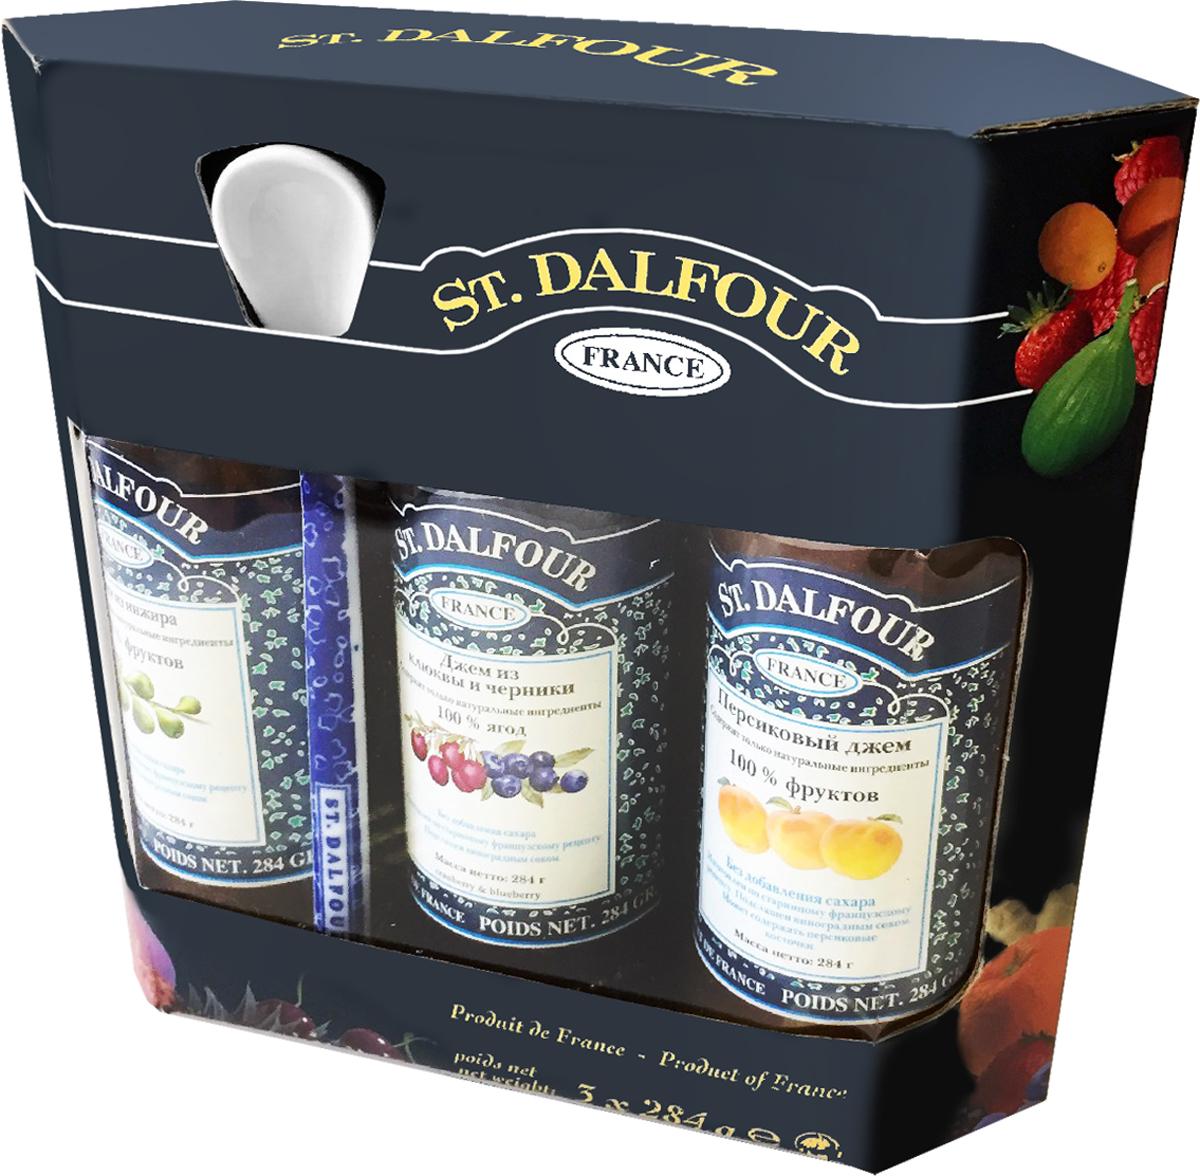 цены St. Dalfour подарочный набор 3 джема инжир, персик, клюква и черника, 852 г